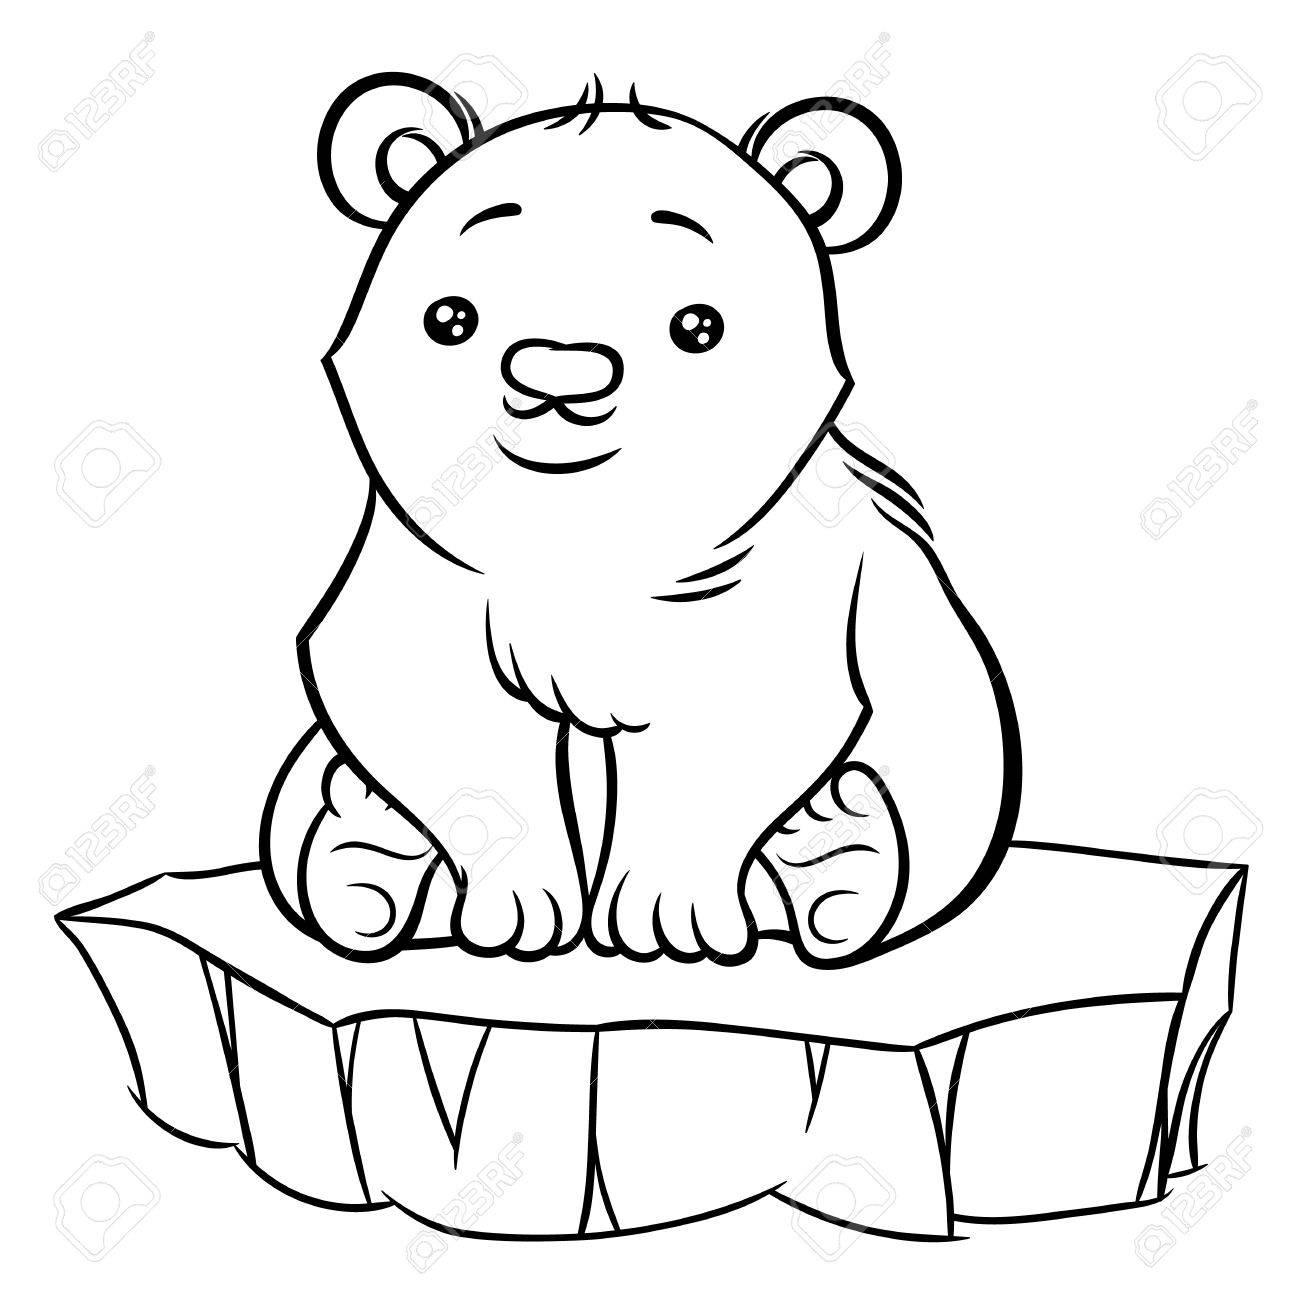 1300x1300 Illustration Of Cute Cartoon Baby Polar Bear Sitting On An Ice